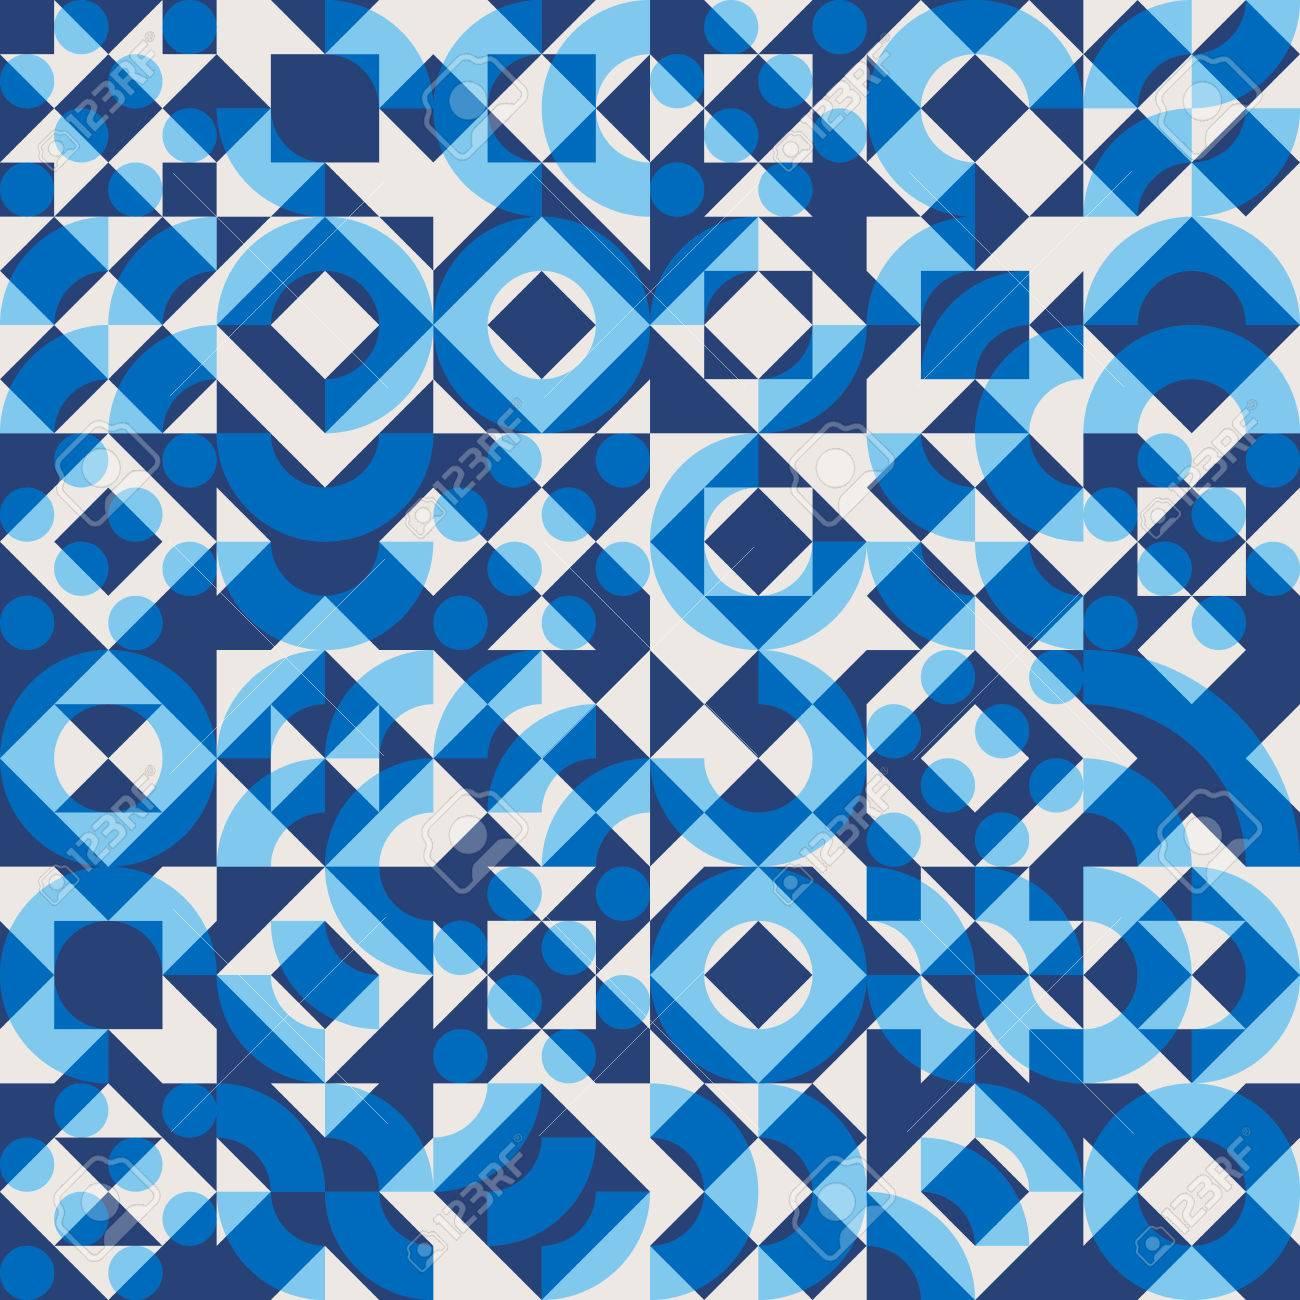 vector seamless bleu marine couleur superposition blocs géométriques